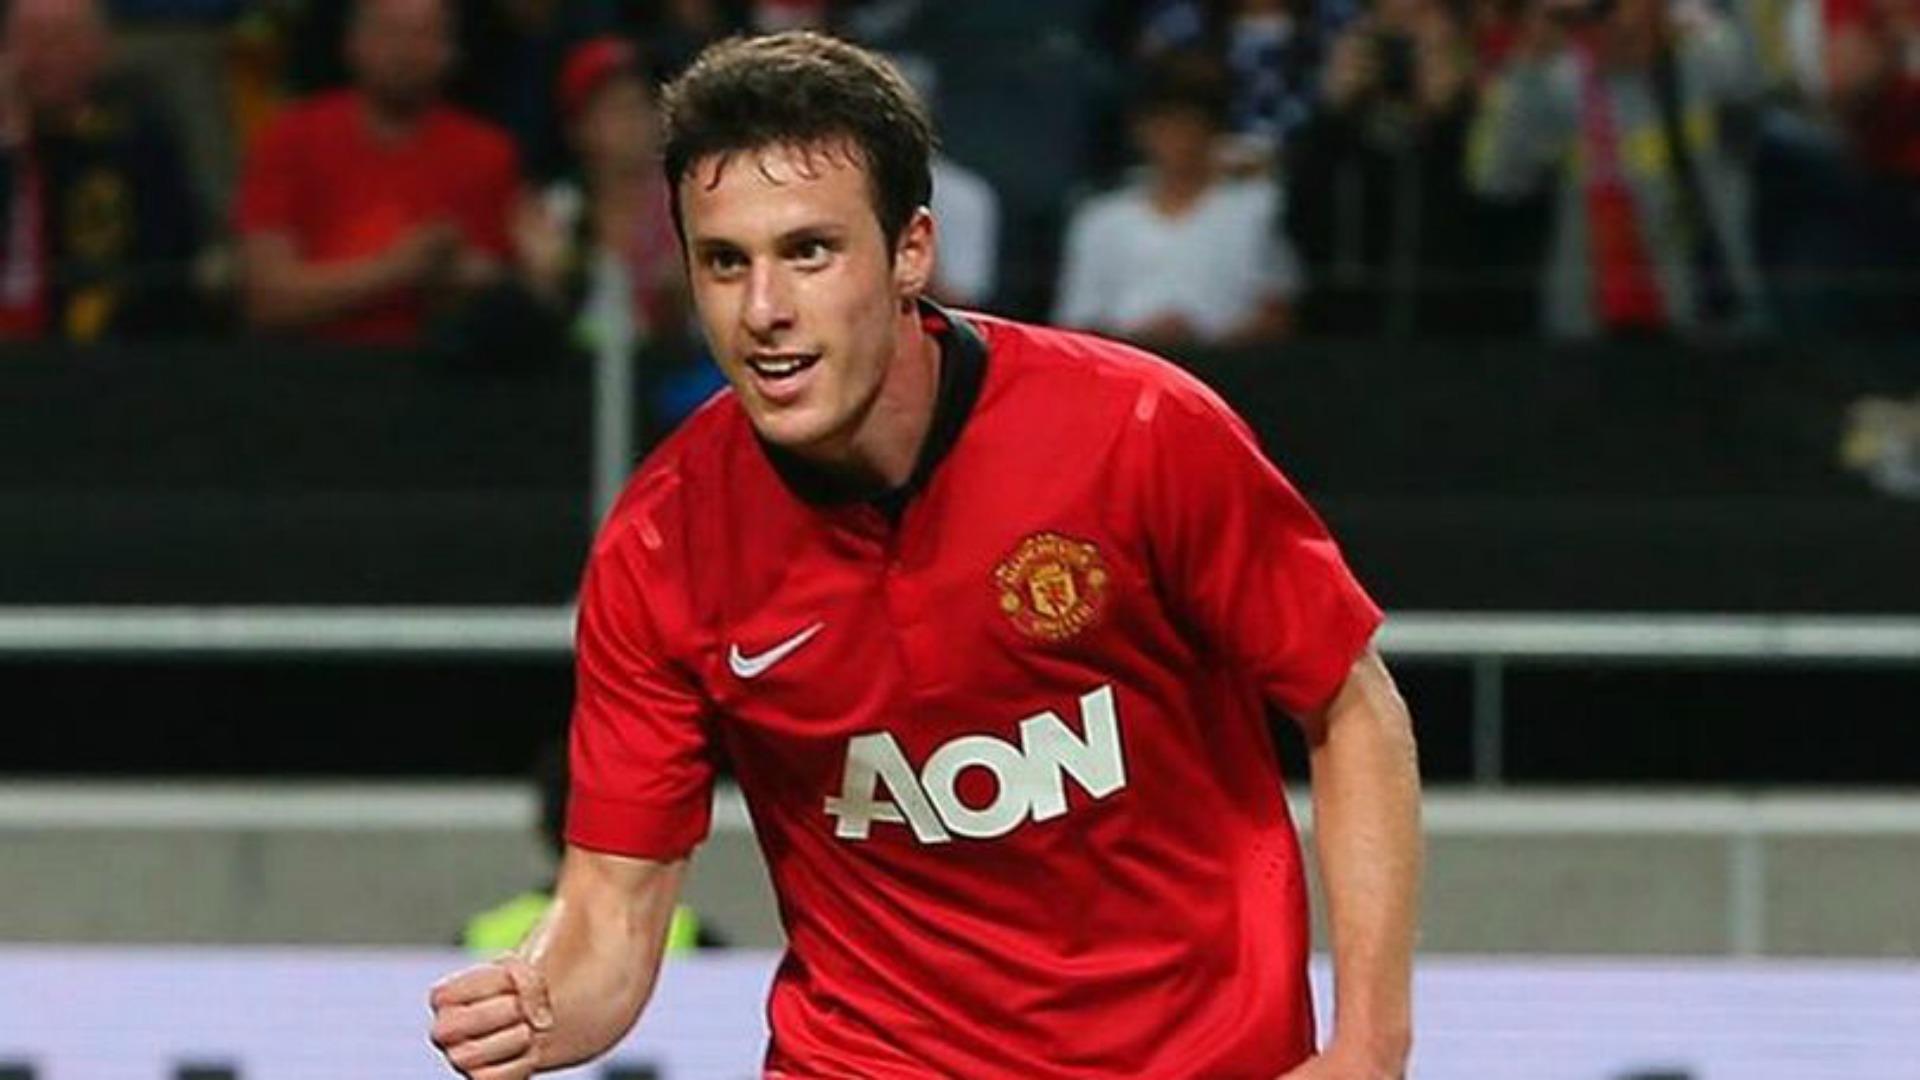 En Inglaterra recuerdan el paso de Ángelo Henríquez por el Manchester United   Goal.com